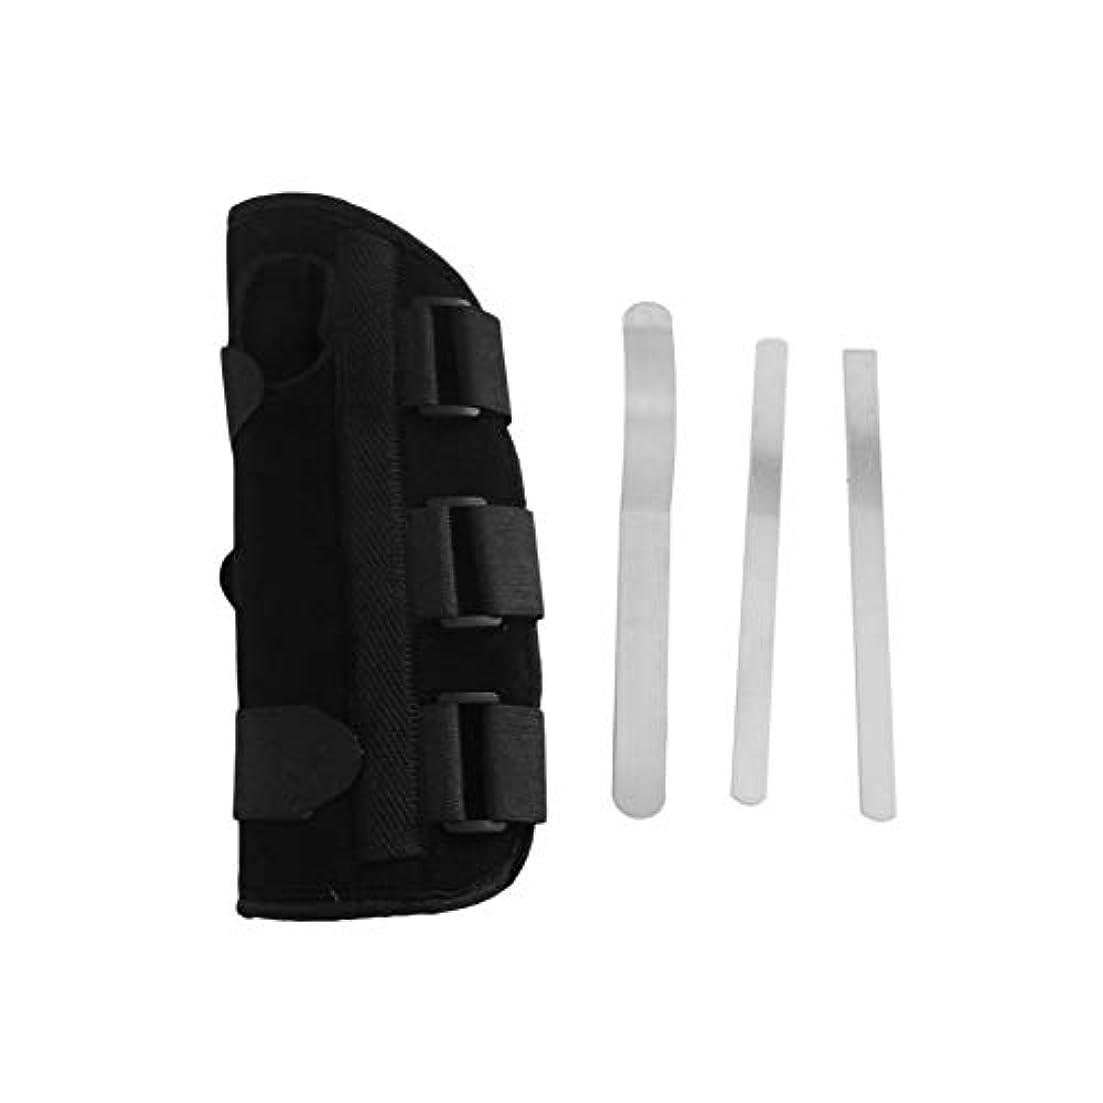 許可する高齢者くつろぎ手首副木ブレース保護サポートストラップカルペルトンネルCTS RSI痛み軽減取り外し可能な副木快適な軽量ストラップ - ブラックS